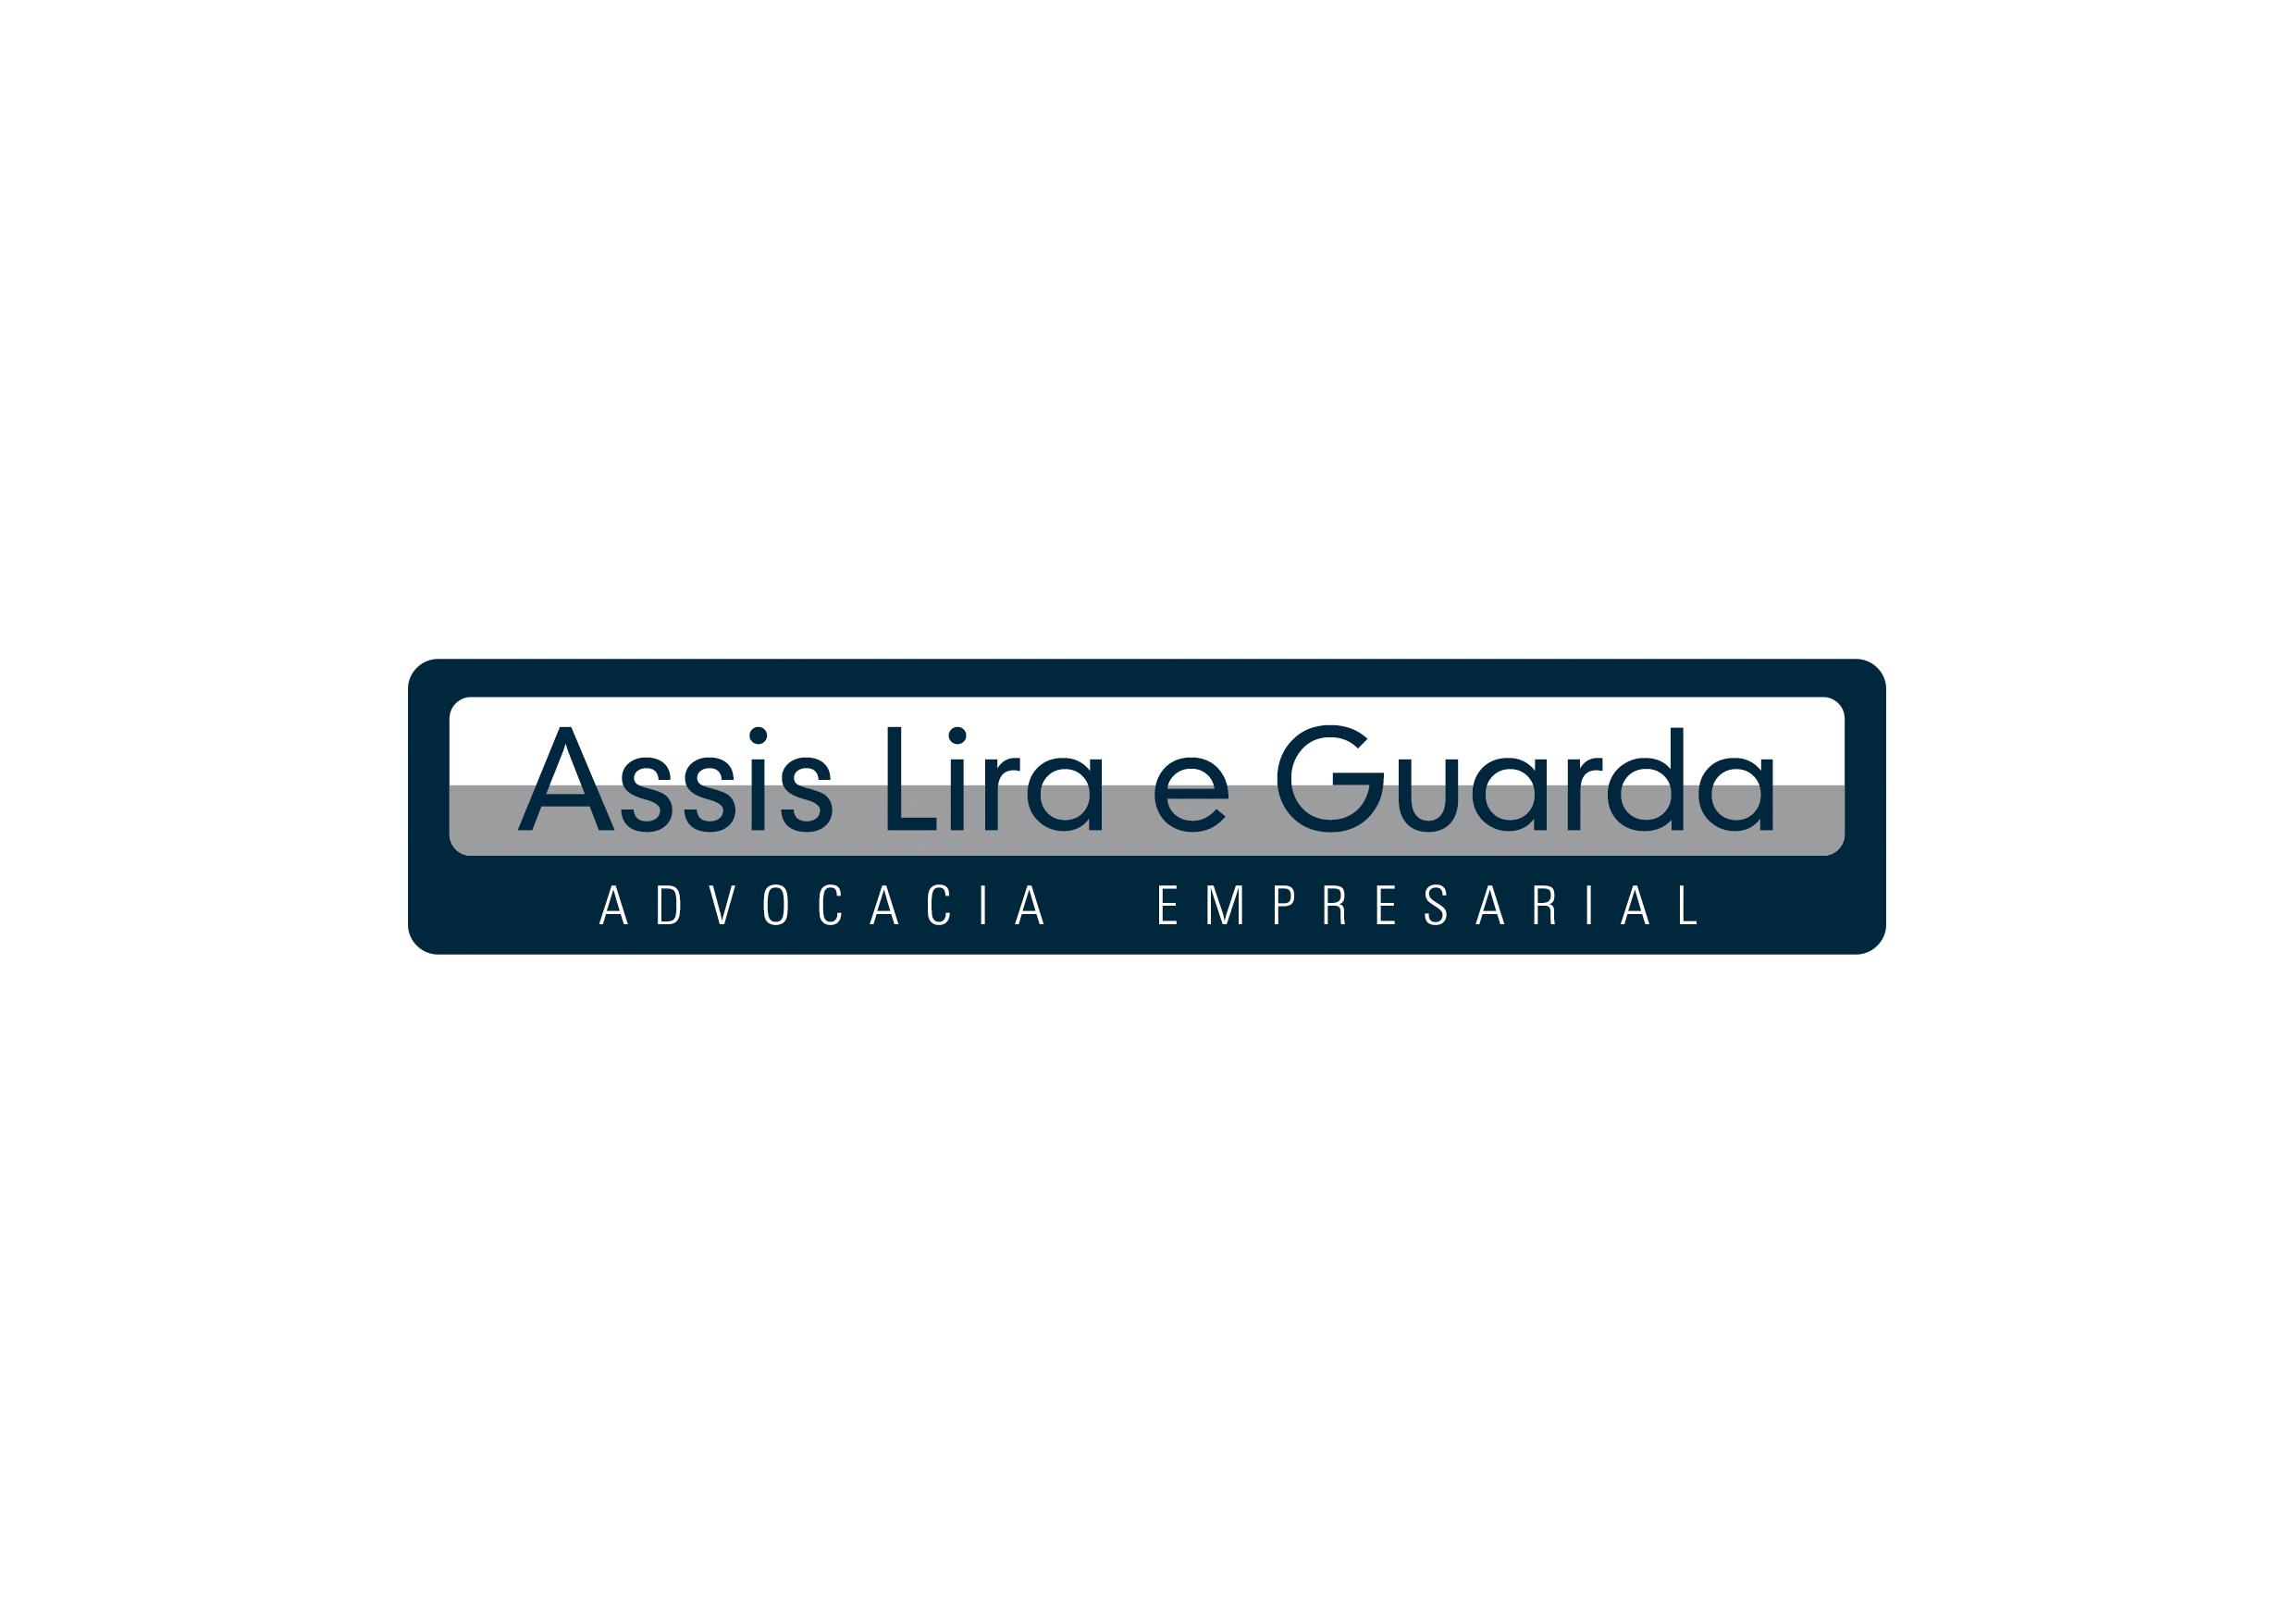 Assis Lira e Guarda Advocacia Empresarial